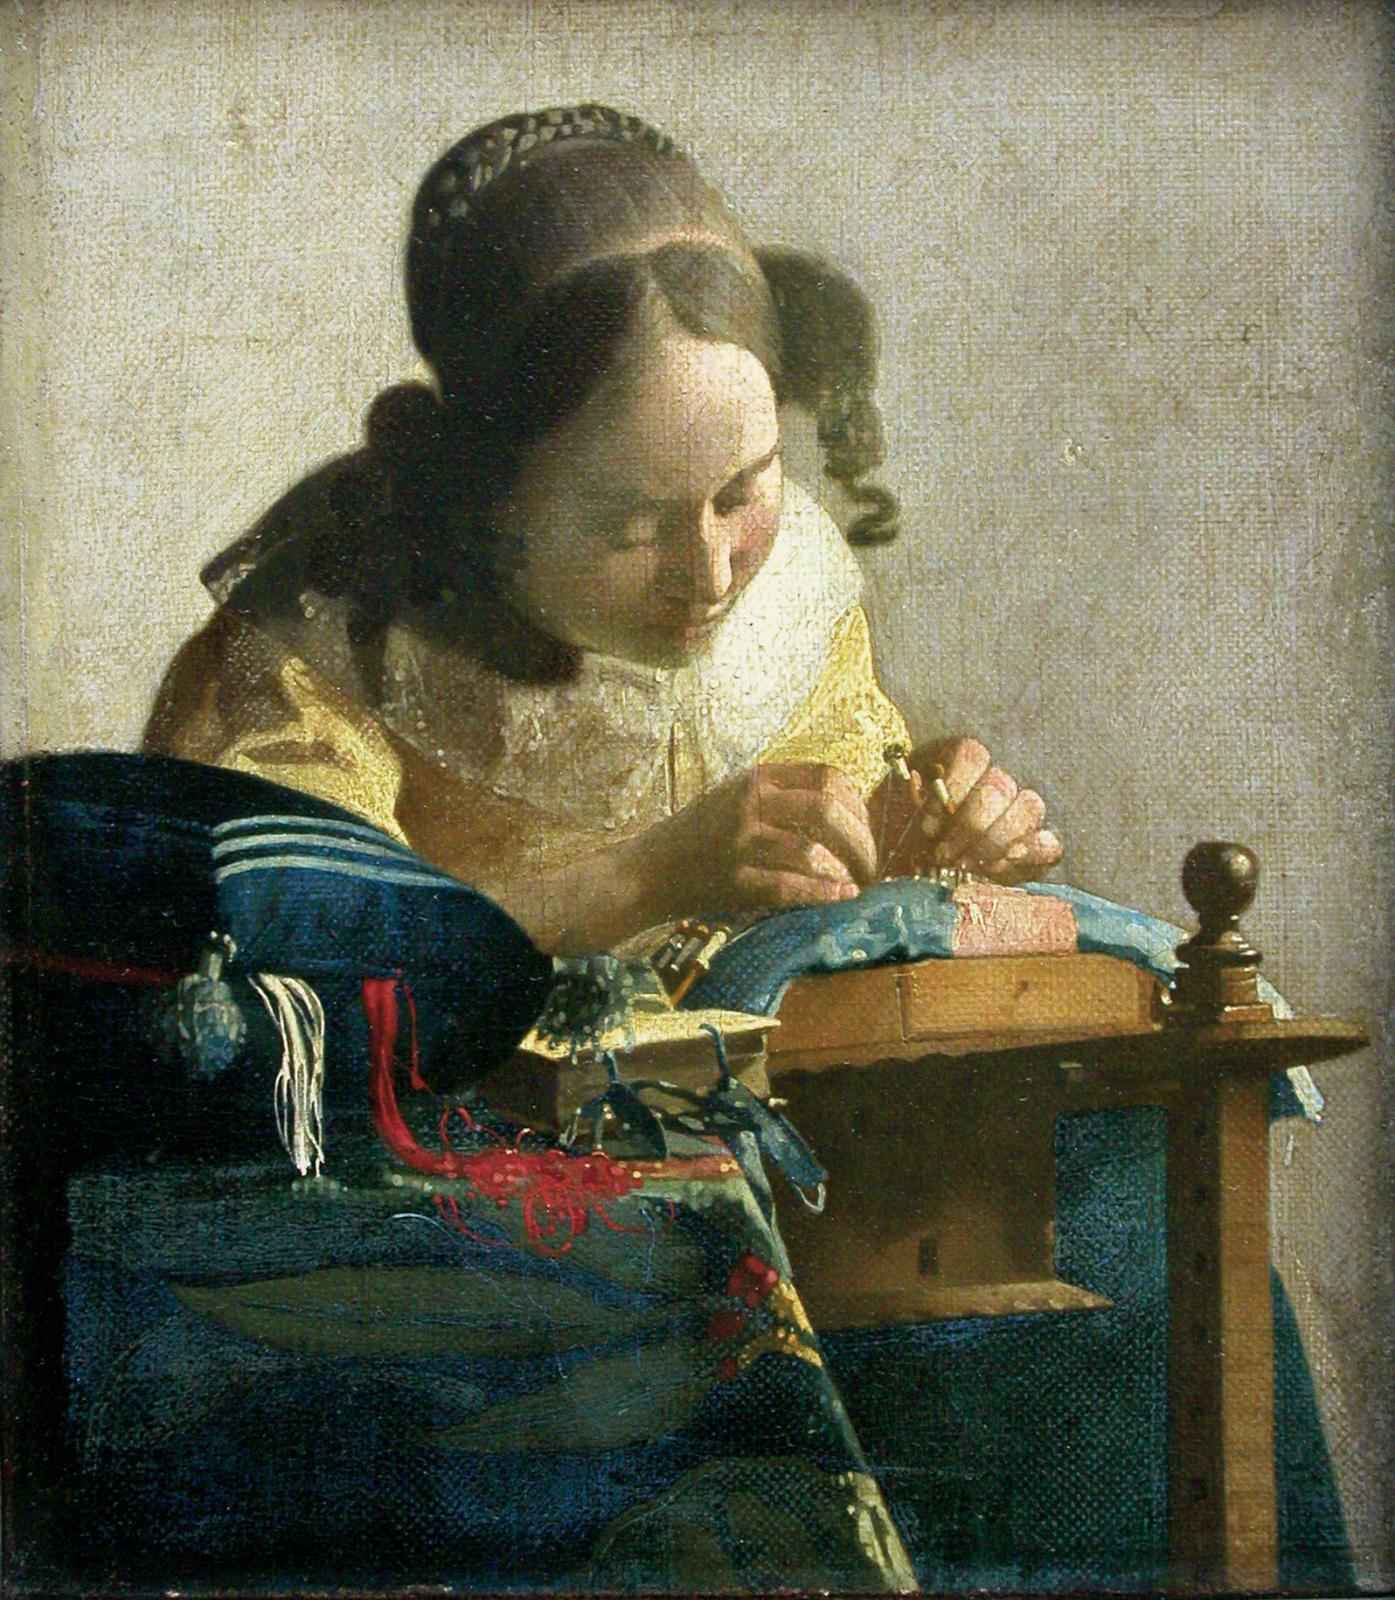 Johannes Vermeer (1632-1675), La Dentellière, vers 1669-1670, huile sur toile marouflée sur panneau. 24,5x21cm. Paris, musée du Louvre. ©RMN-Grand